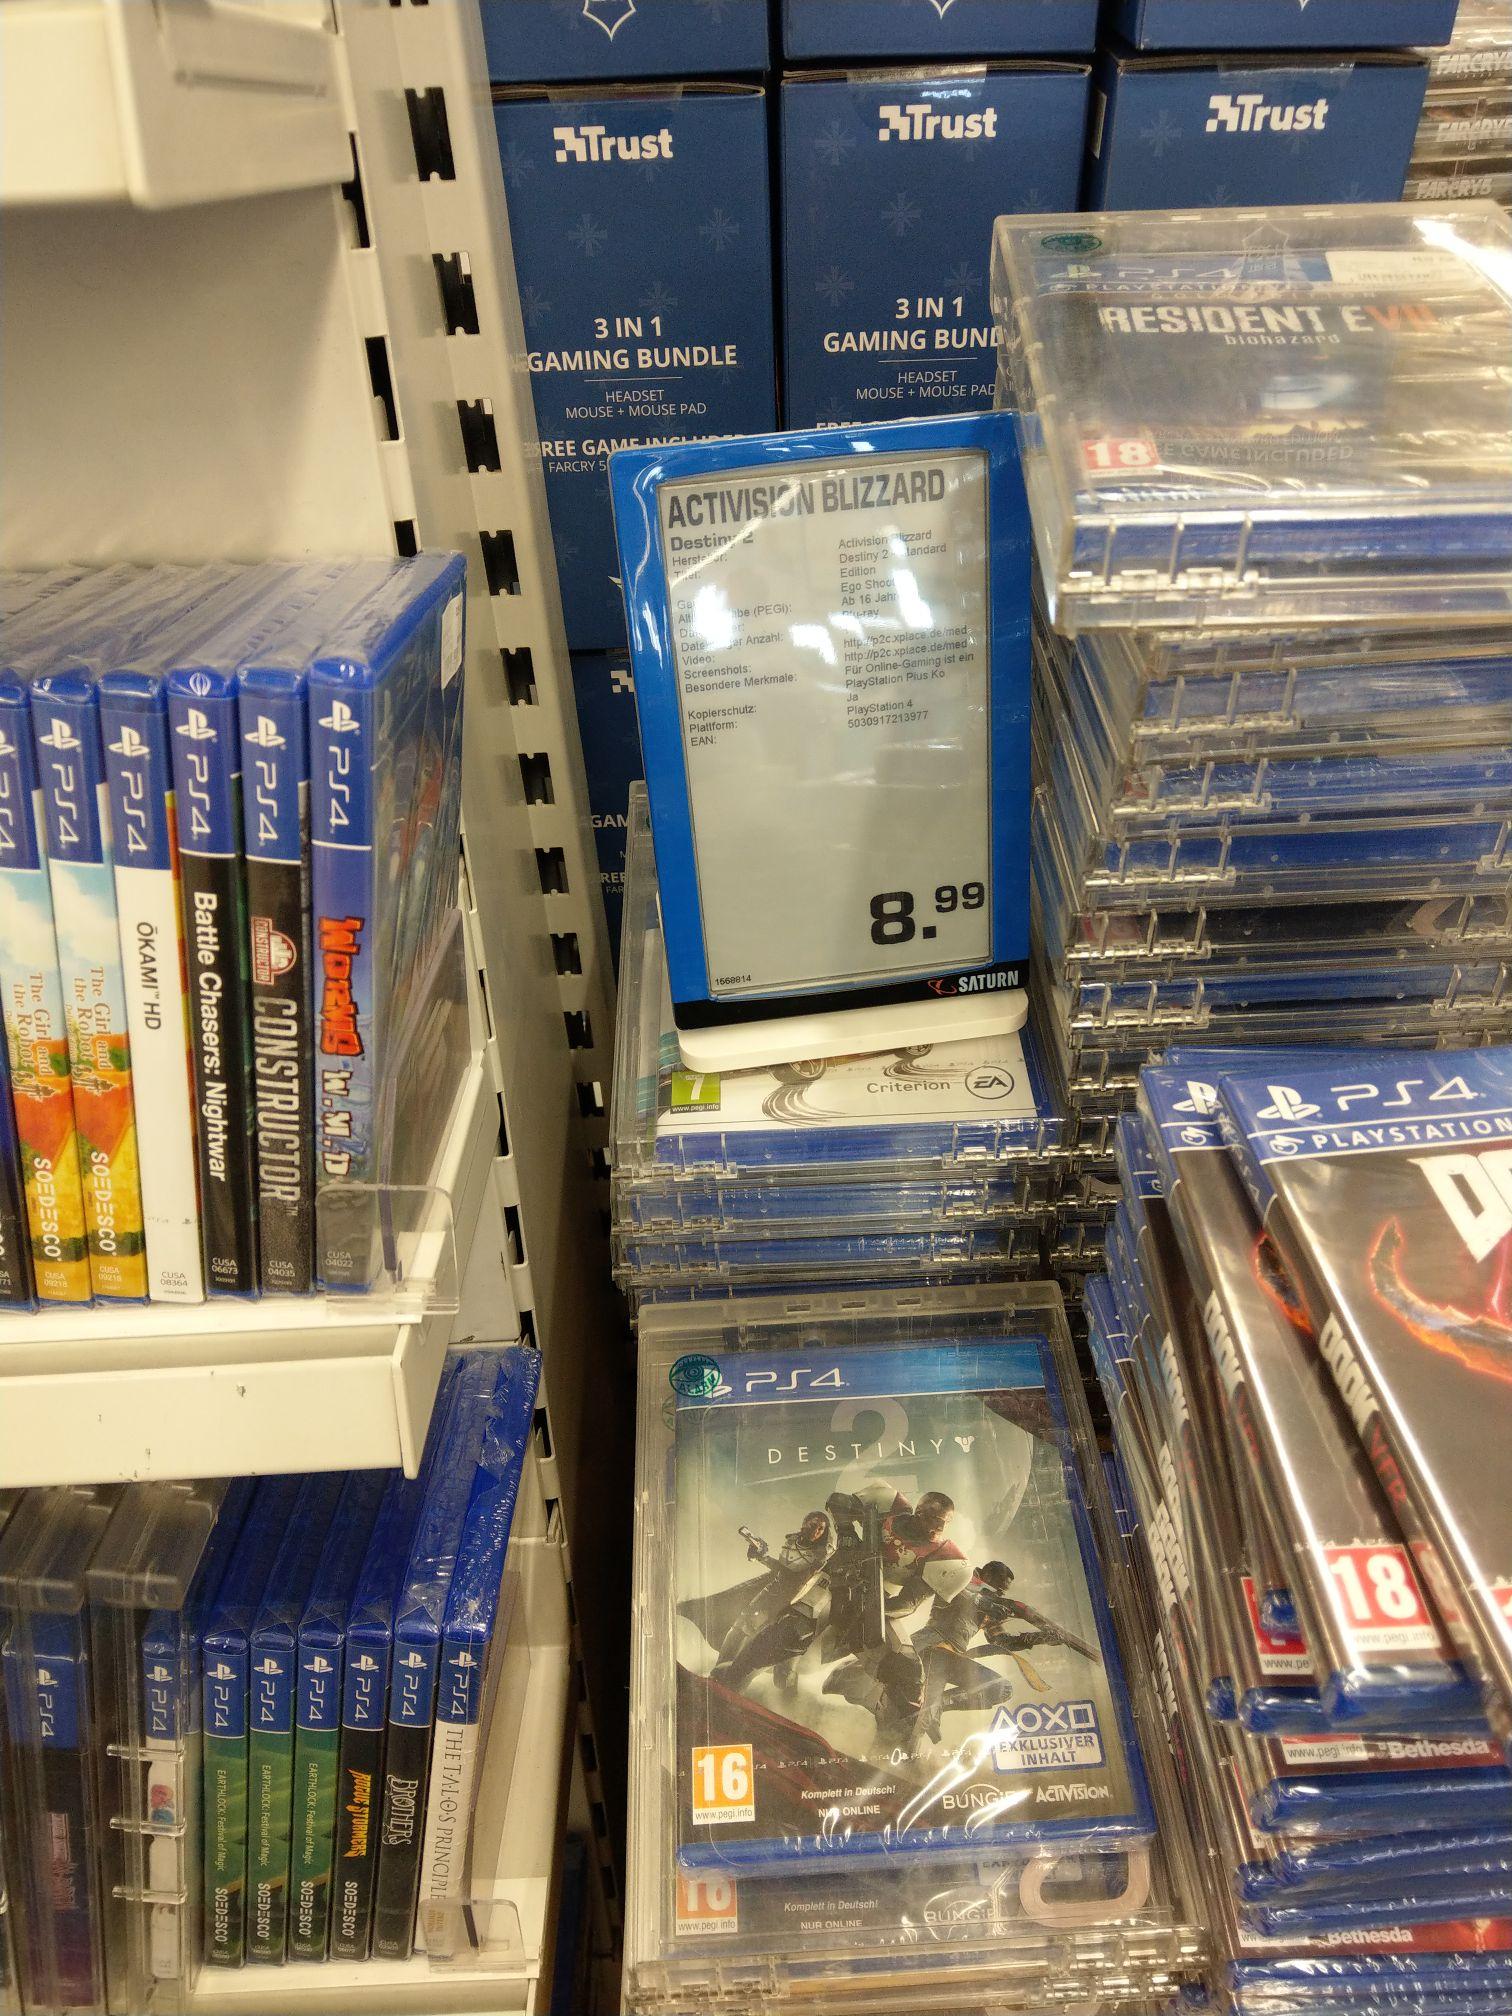 Lokal Destiny 2 PS4 beim MM Hietzing